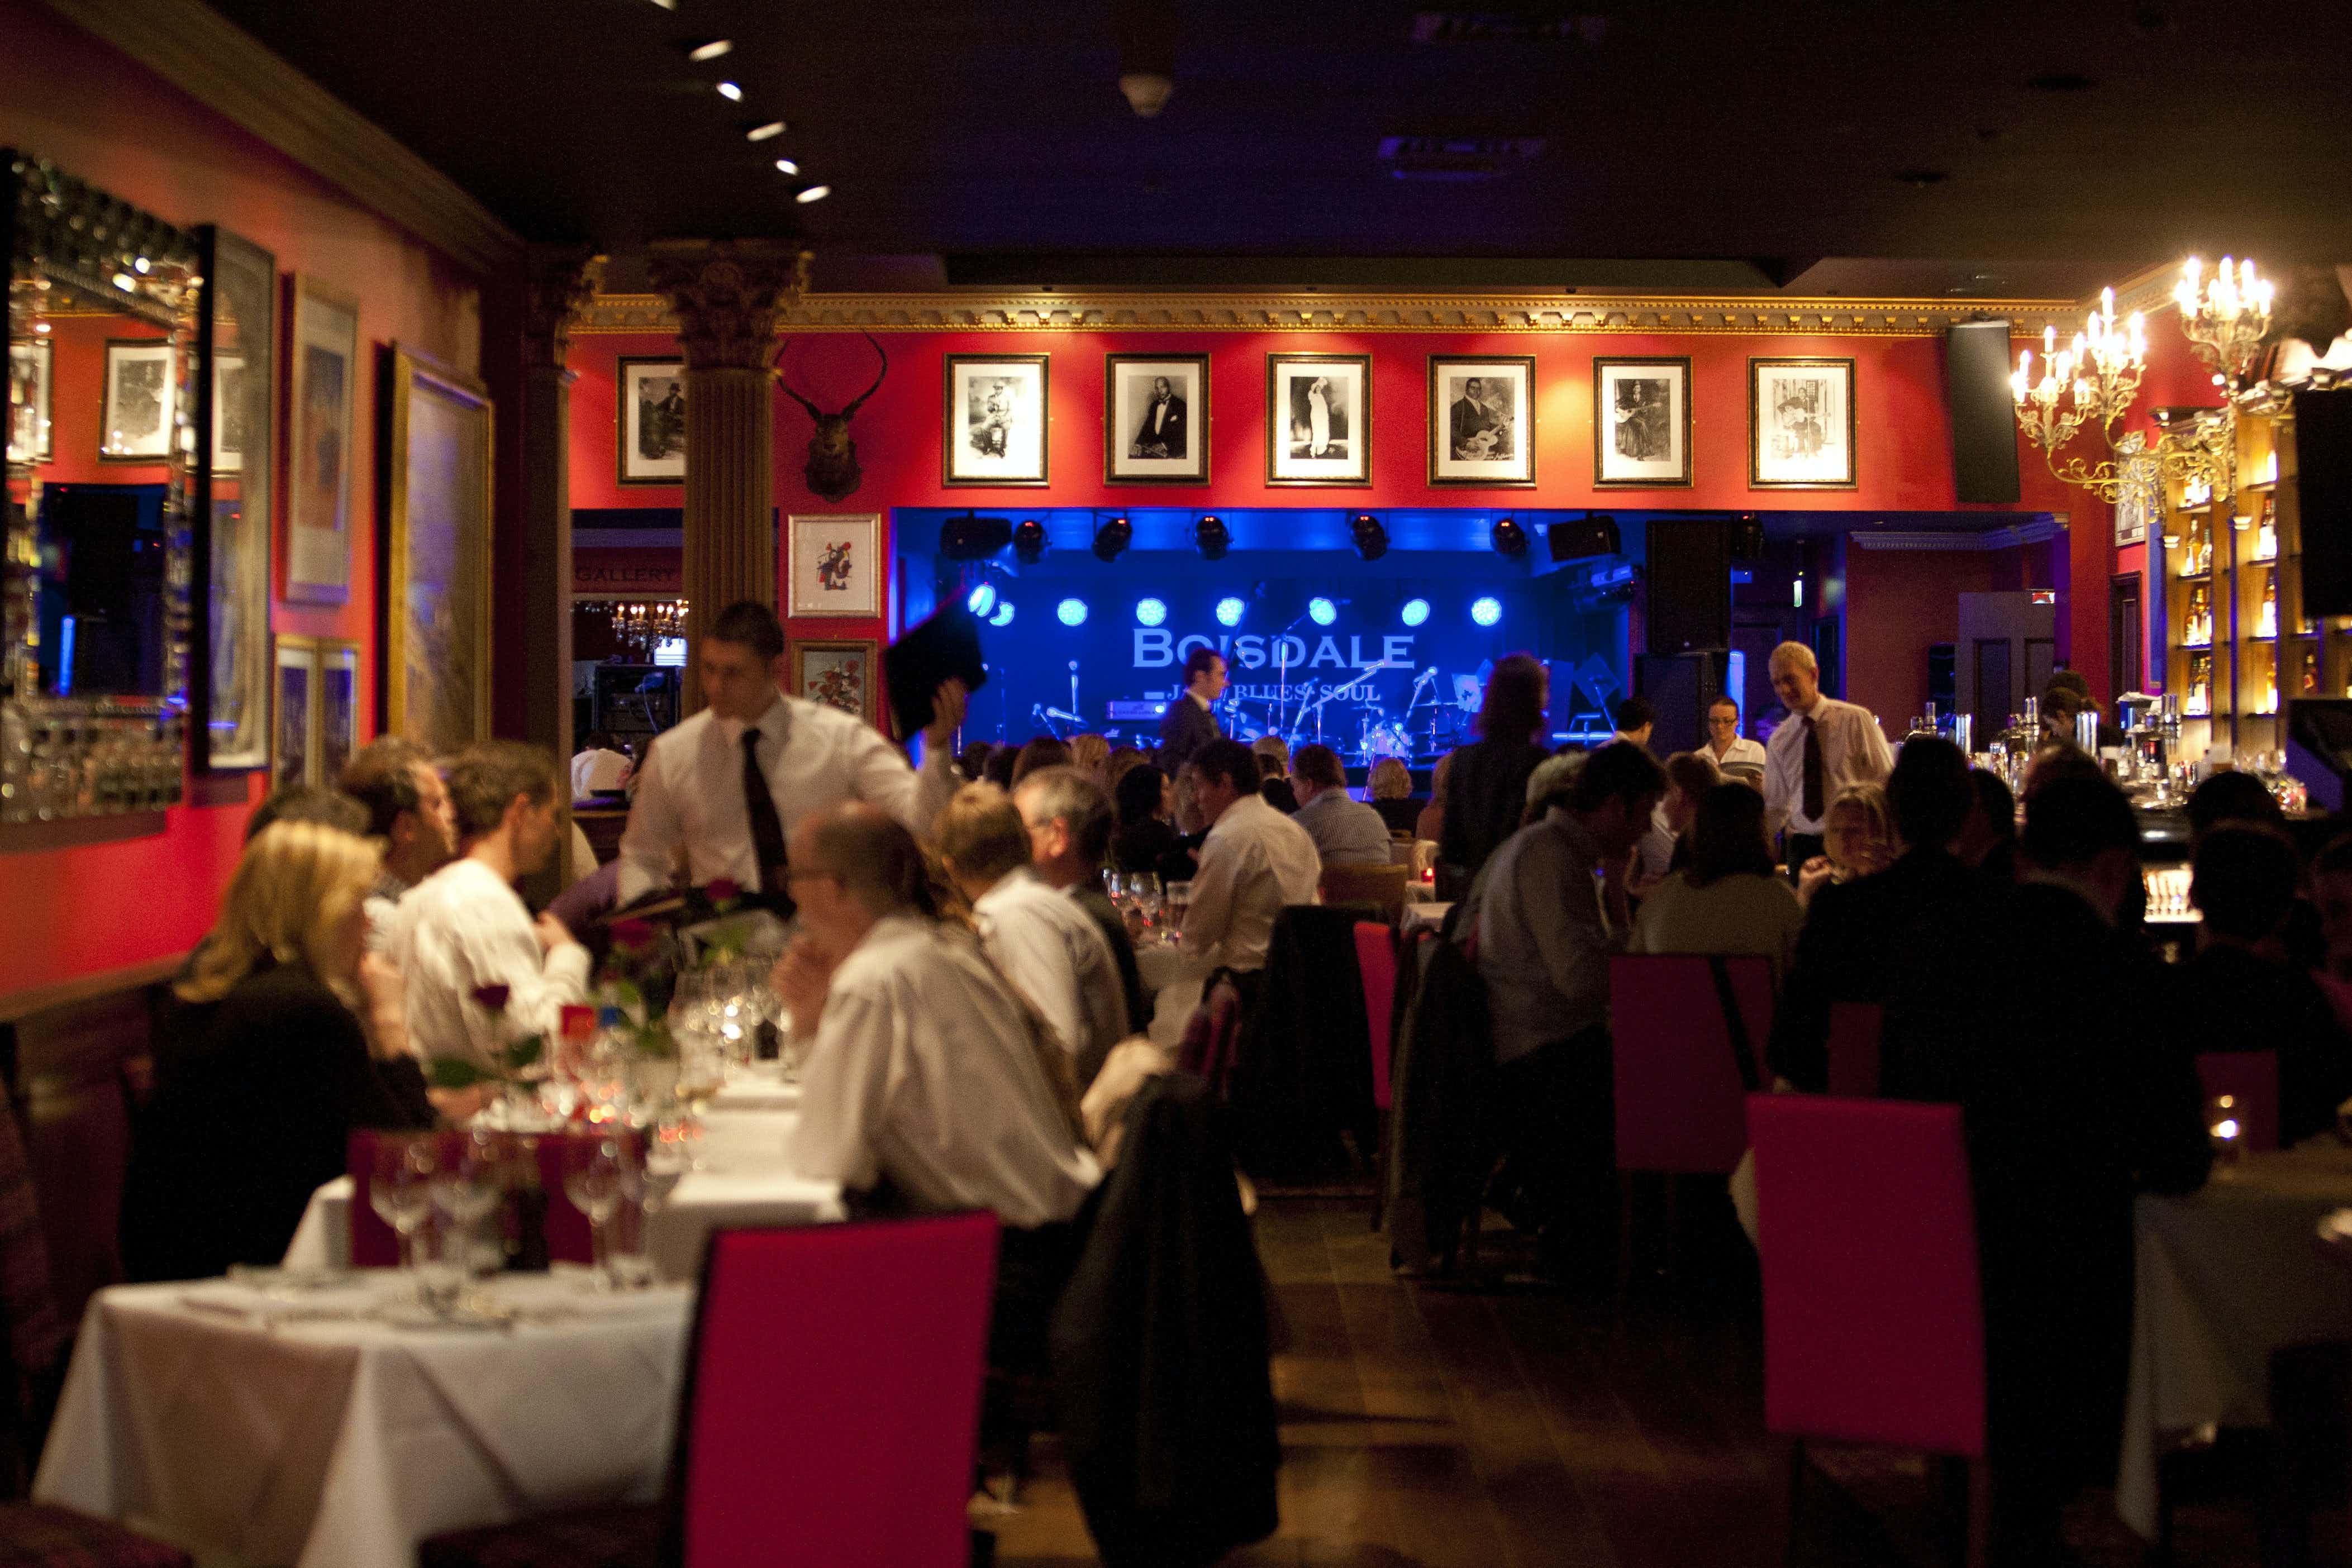 Restaurant & Jazz Club, Boisdale Canary Wharf